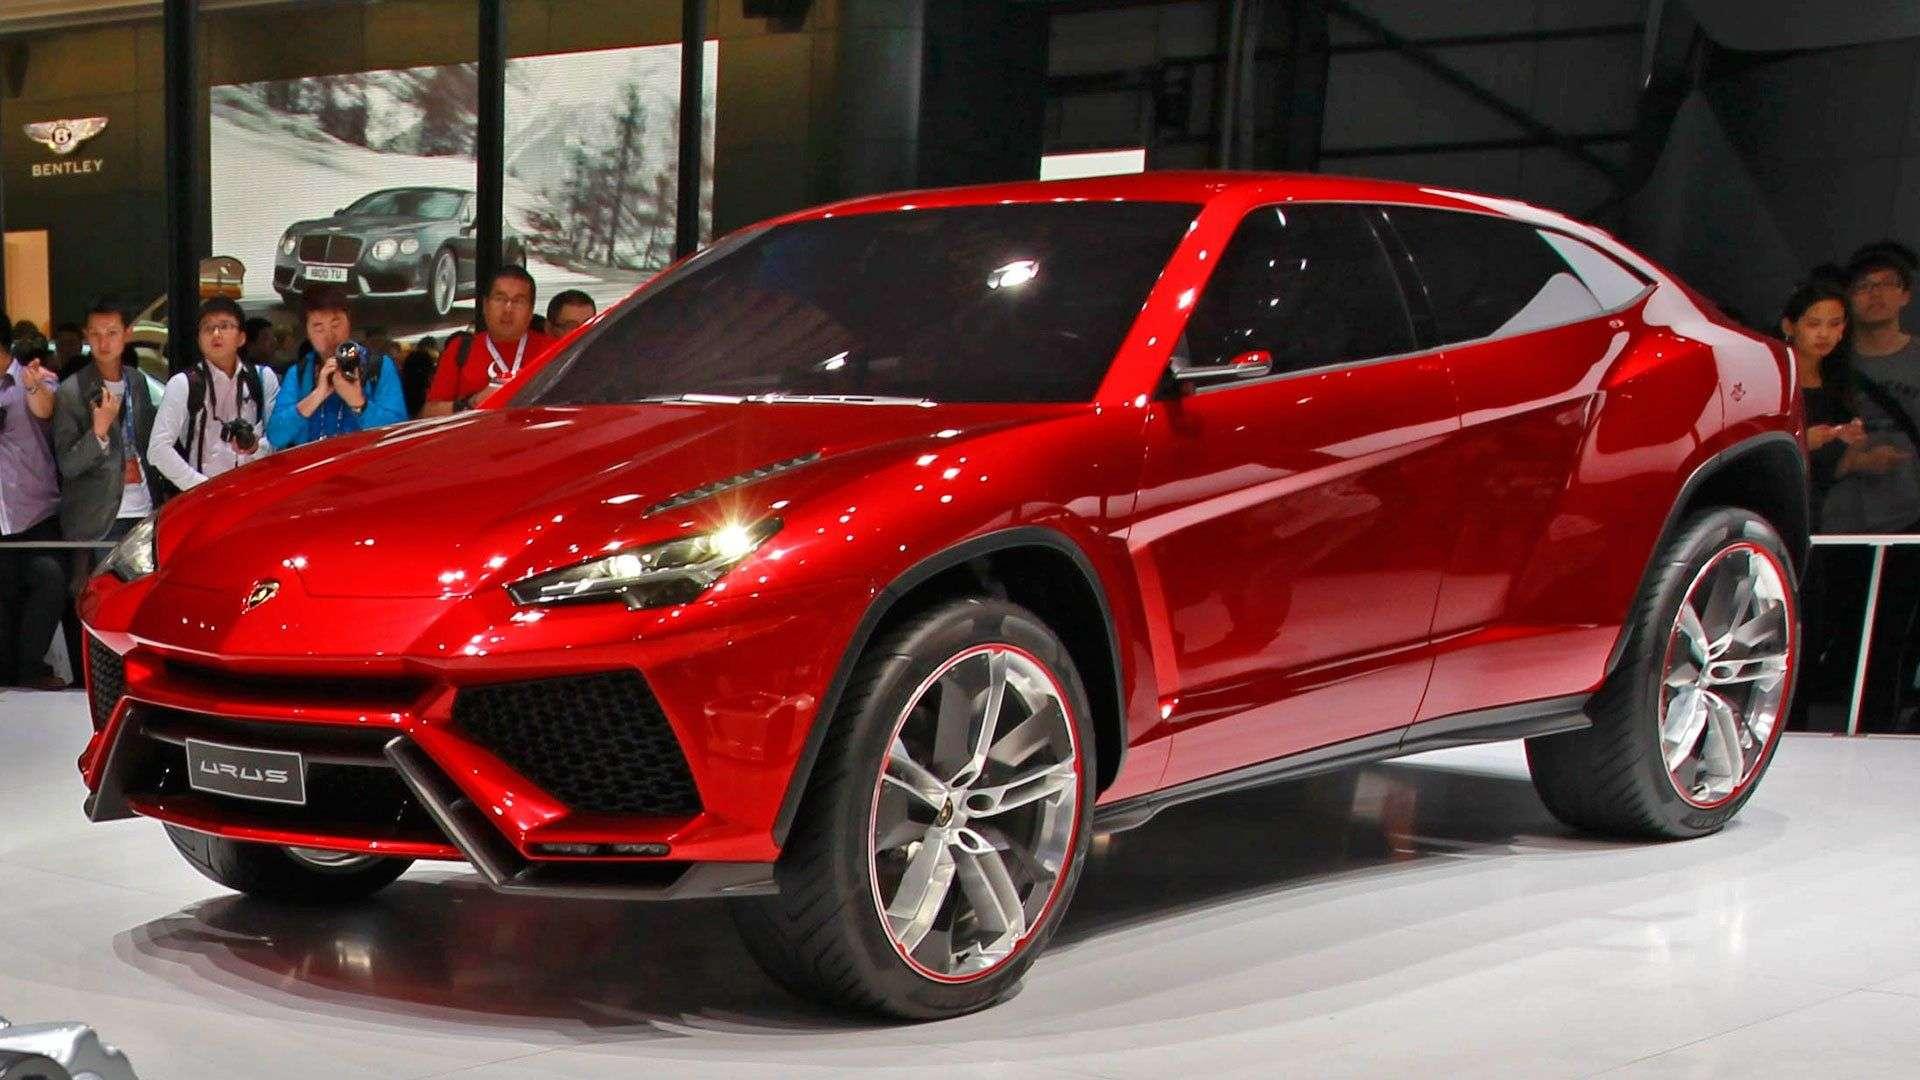 1512663117 koncept model lamborghini urus 2019 - Обзор кроссовера Lamborghini Urus 2019